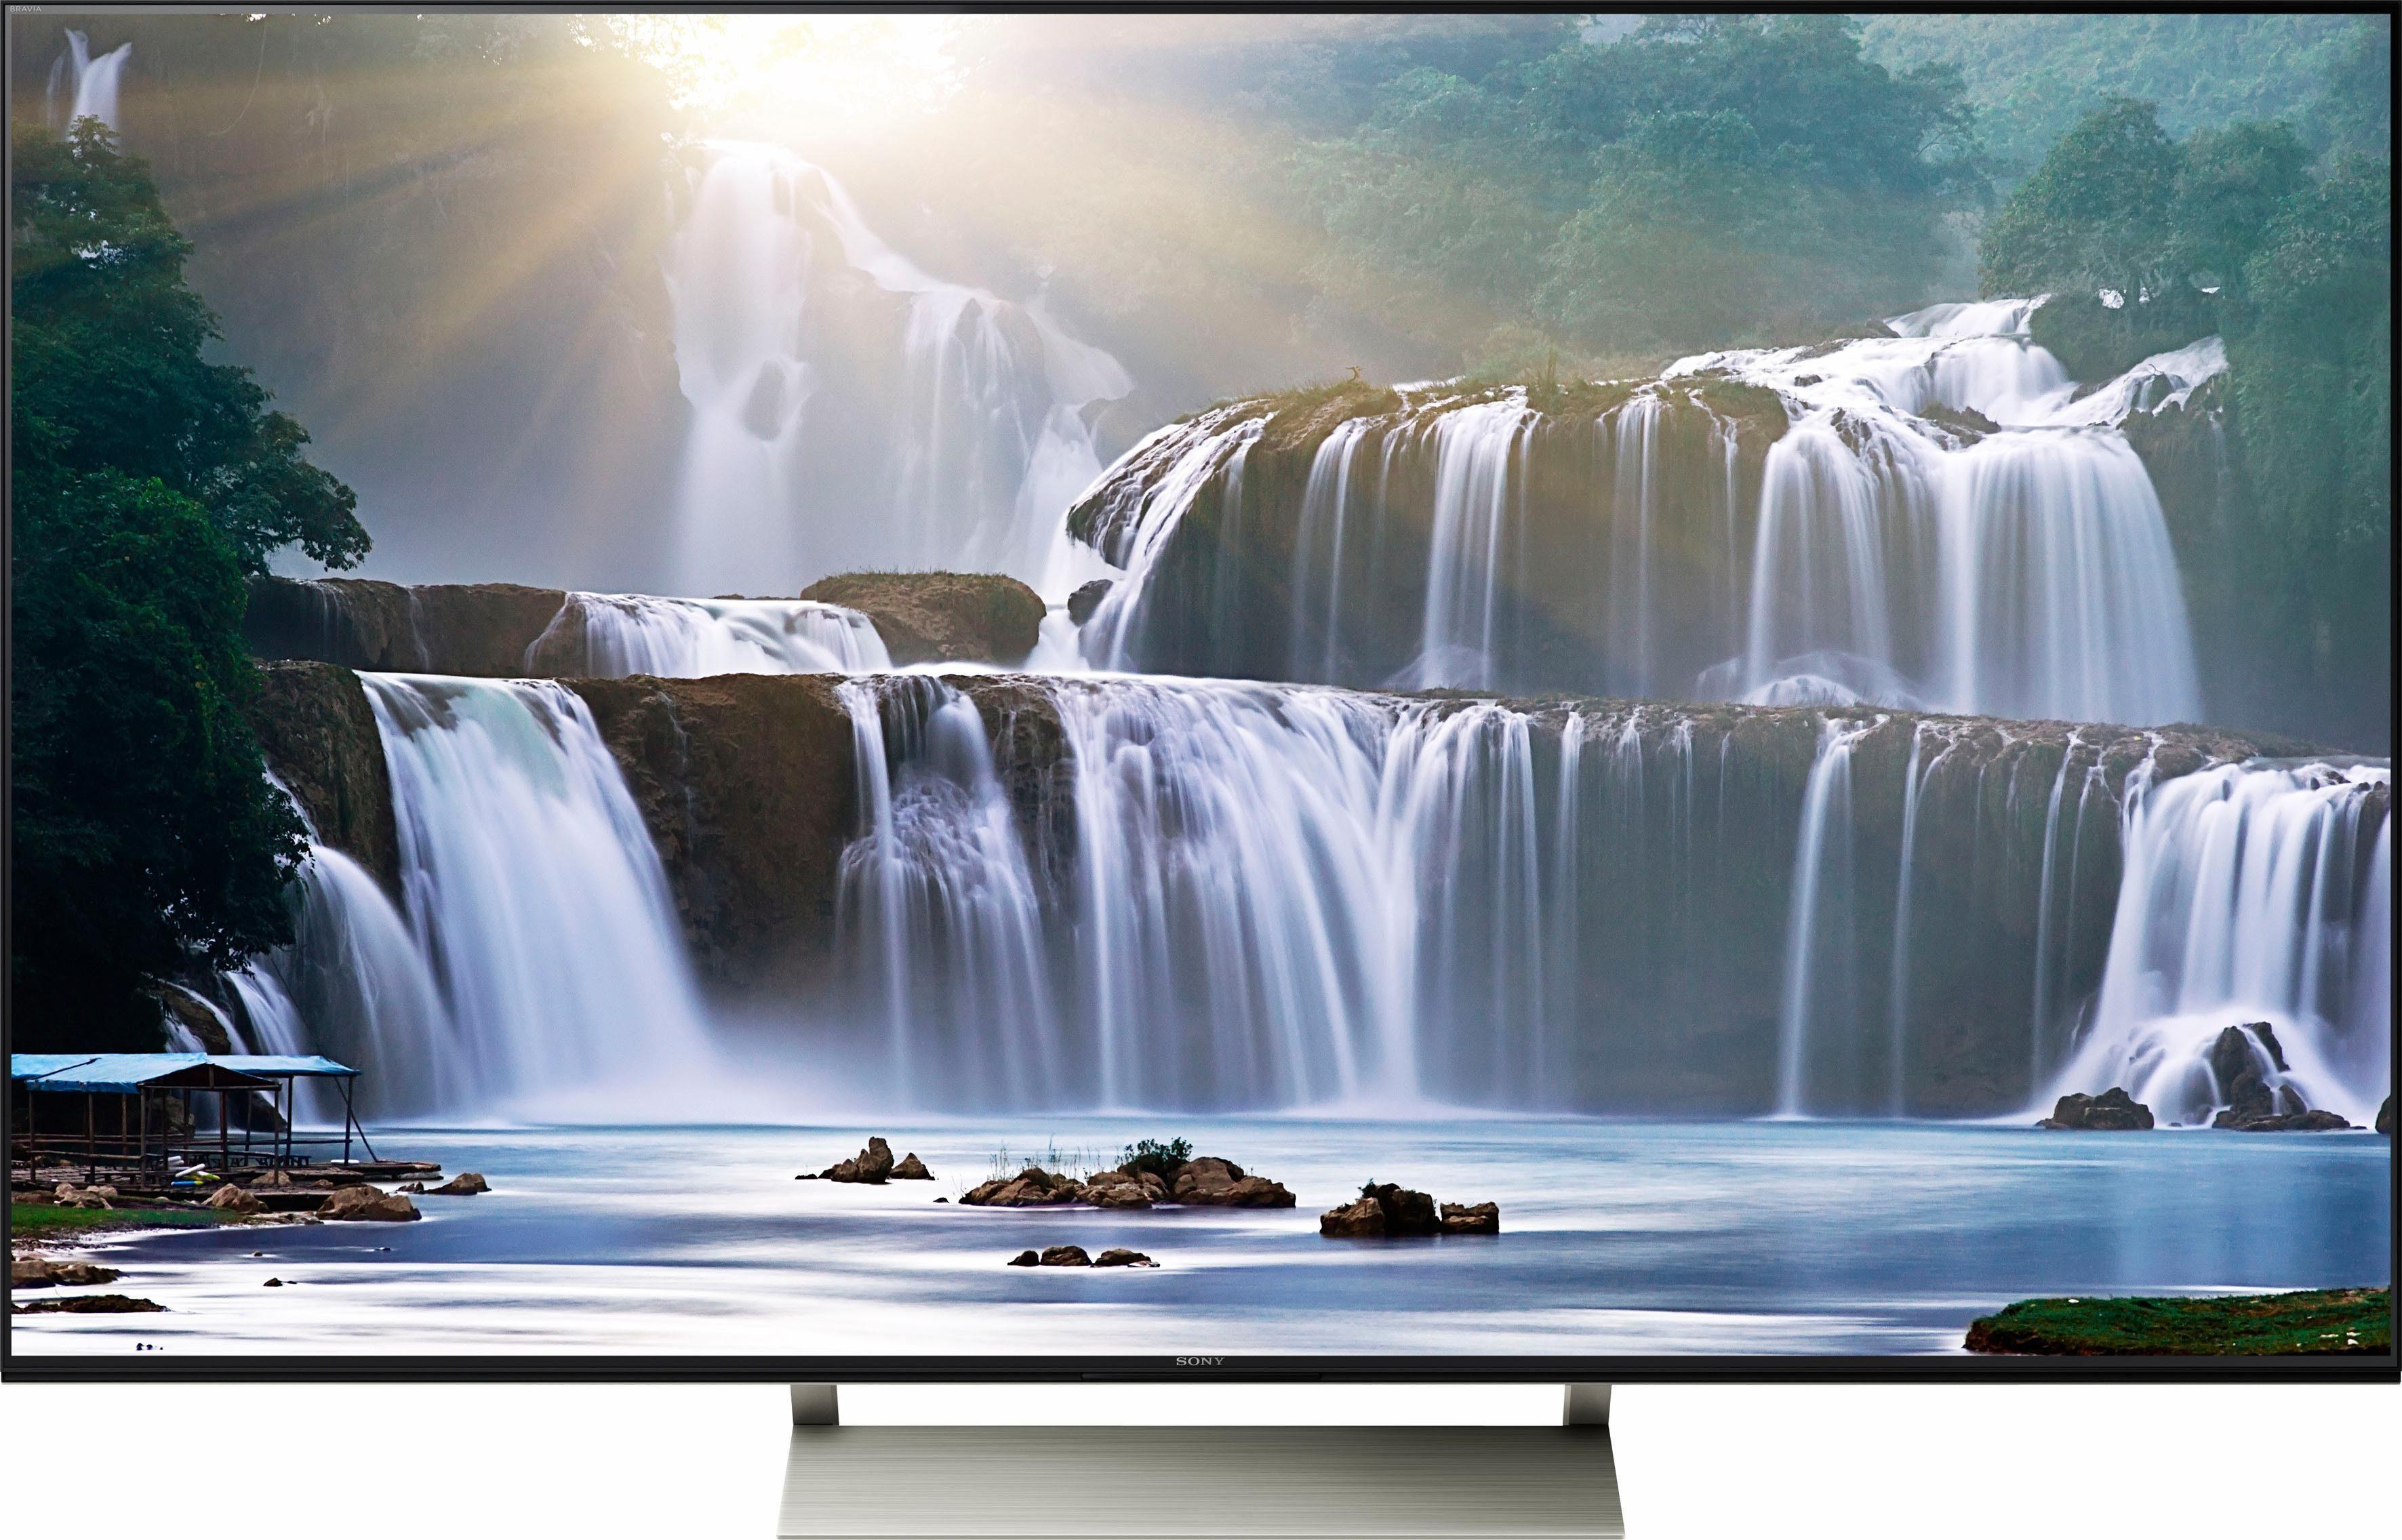 Sony KD65XE9305 LED-Fernseher (164 cm/65 Zoll, 4K Ultra HD, Smart-TV)